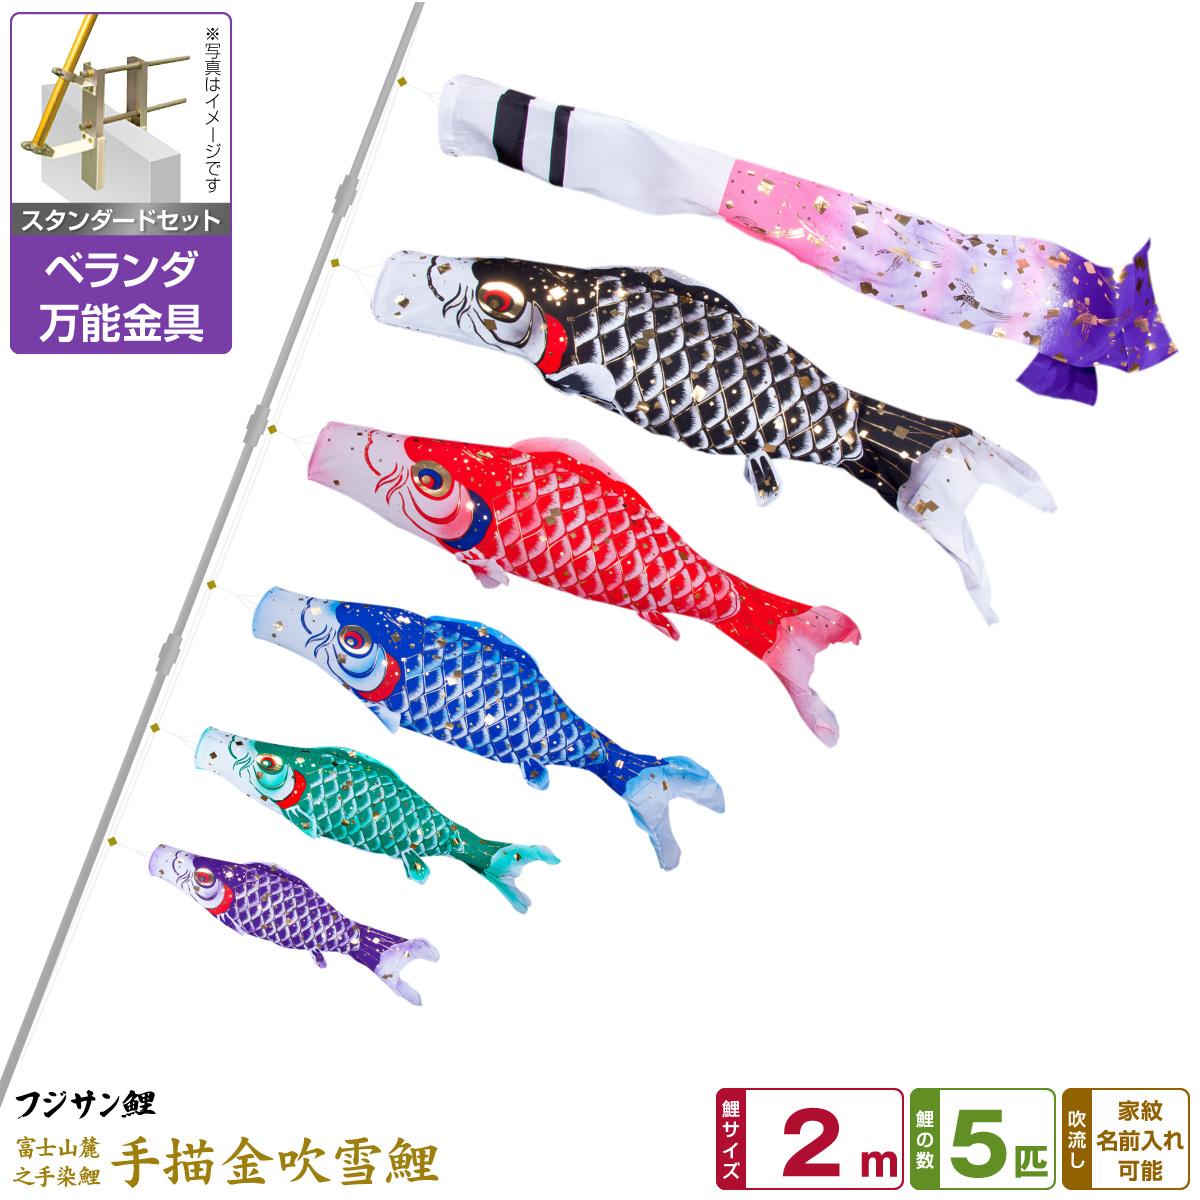 ベランダ用 こいのぼり 鯉のぼり フジサン鯉 手描金吹雪鯉 2m 8点(吹流し+鯉5匹+矢車+ロープ)/スタンダードセット(万能取付金具)